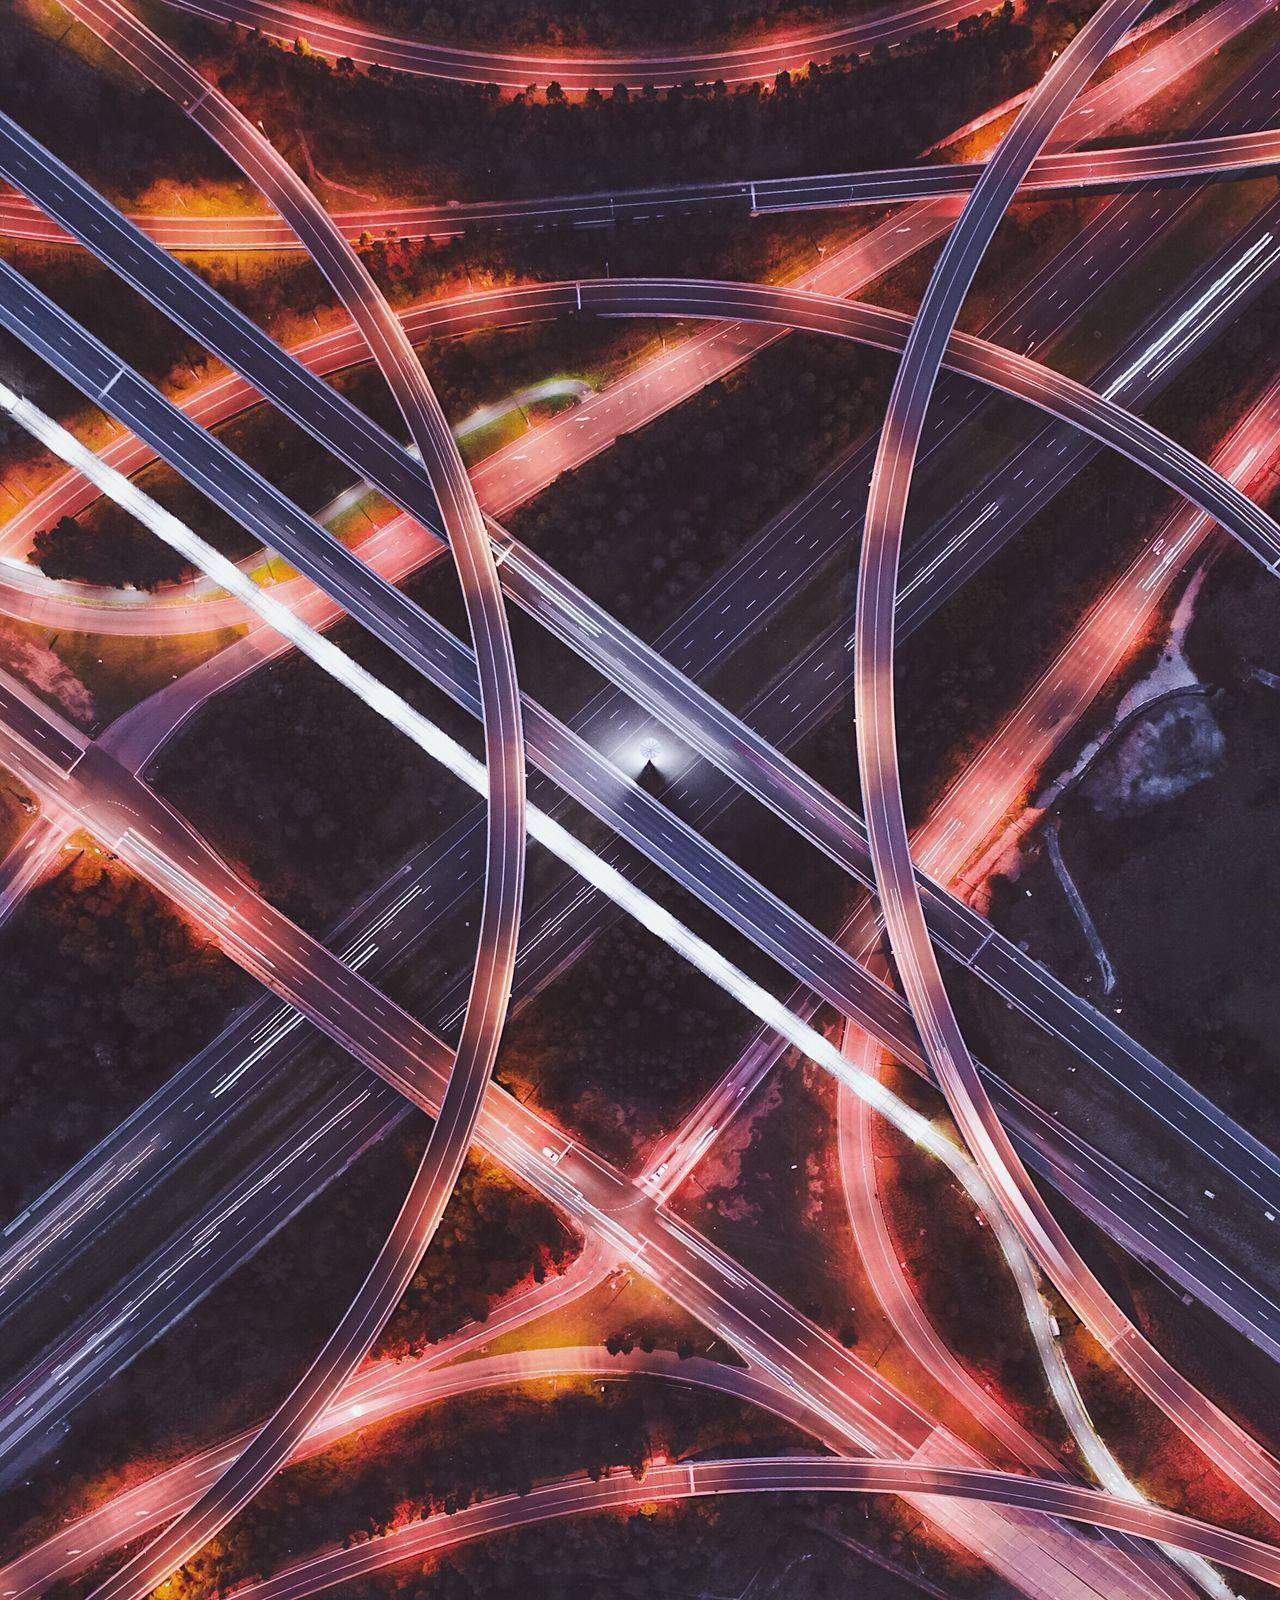 Full frame shot of roads